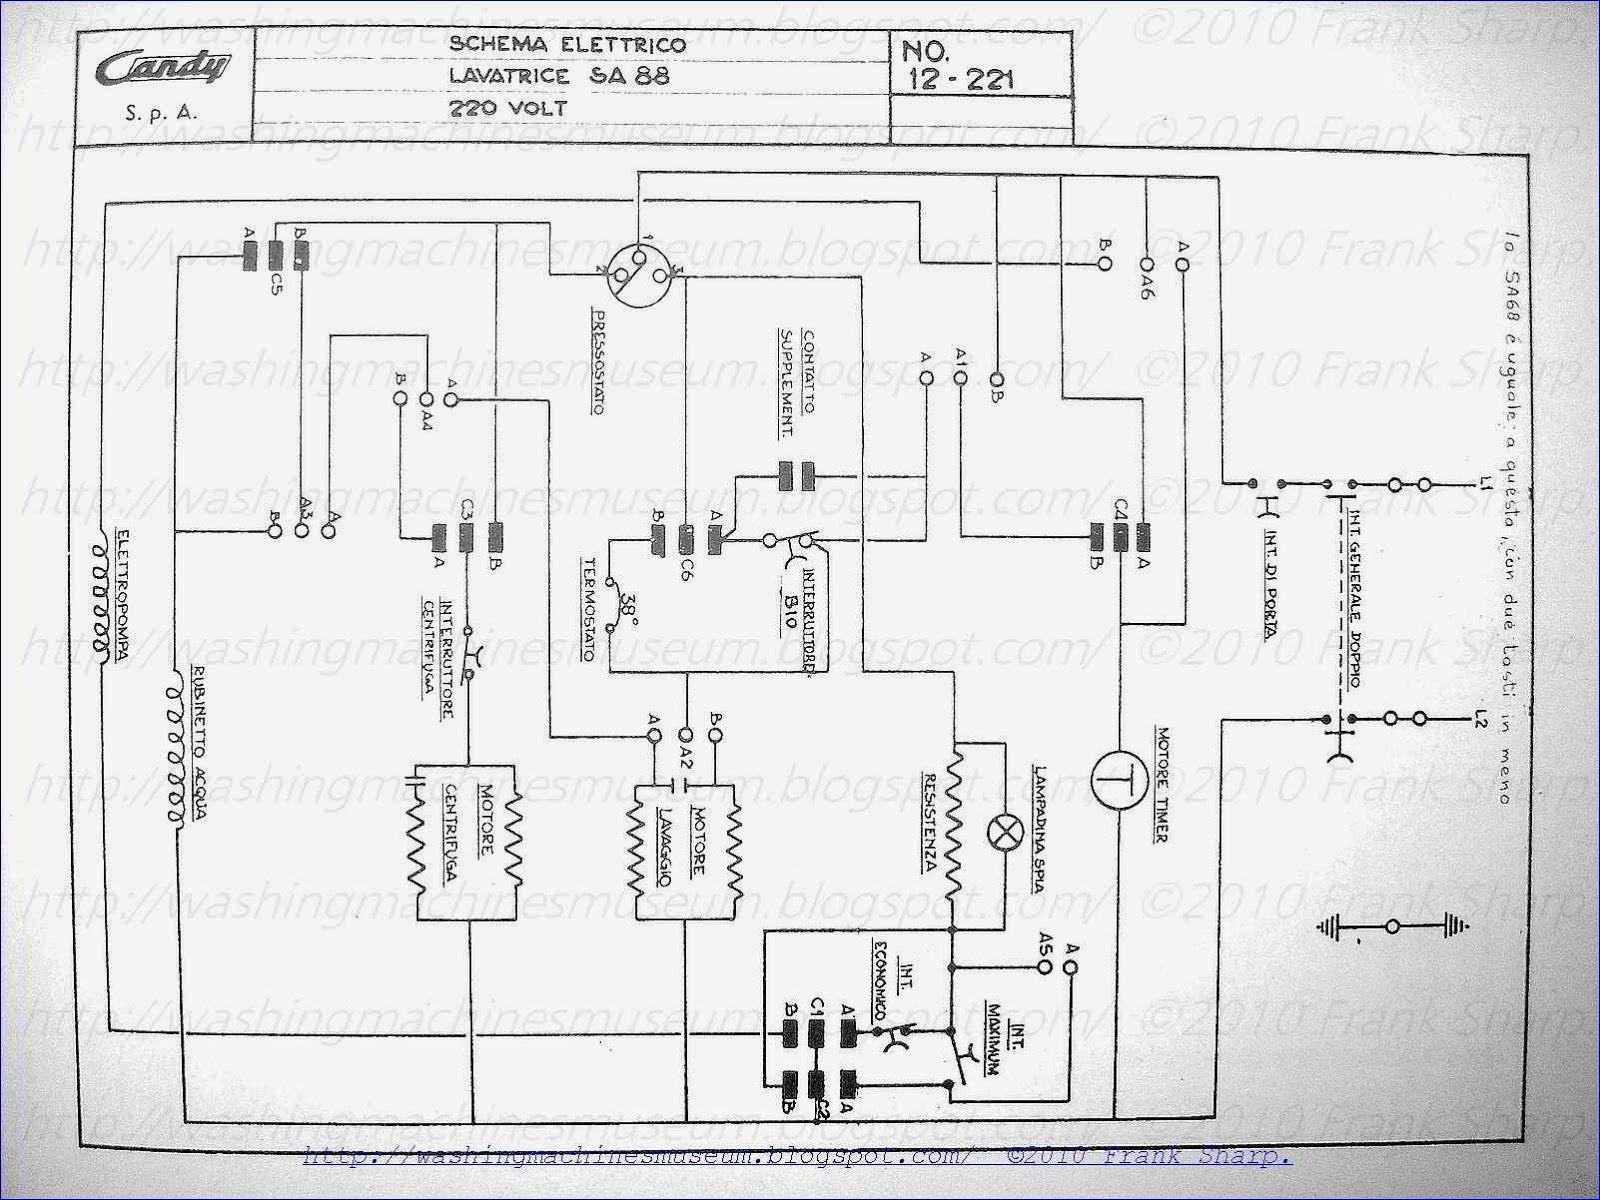 washing machine schematic diagram [ 1600 x 1200 Pixel ]